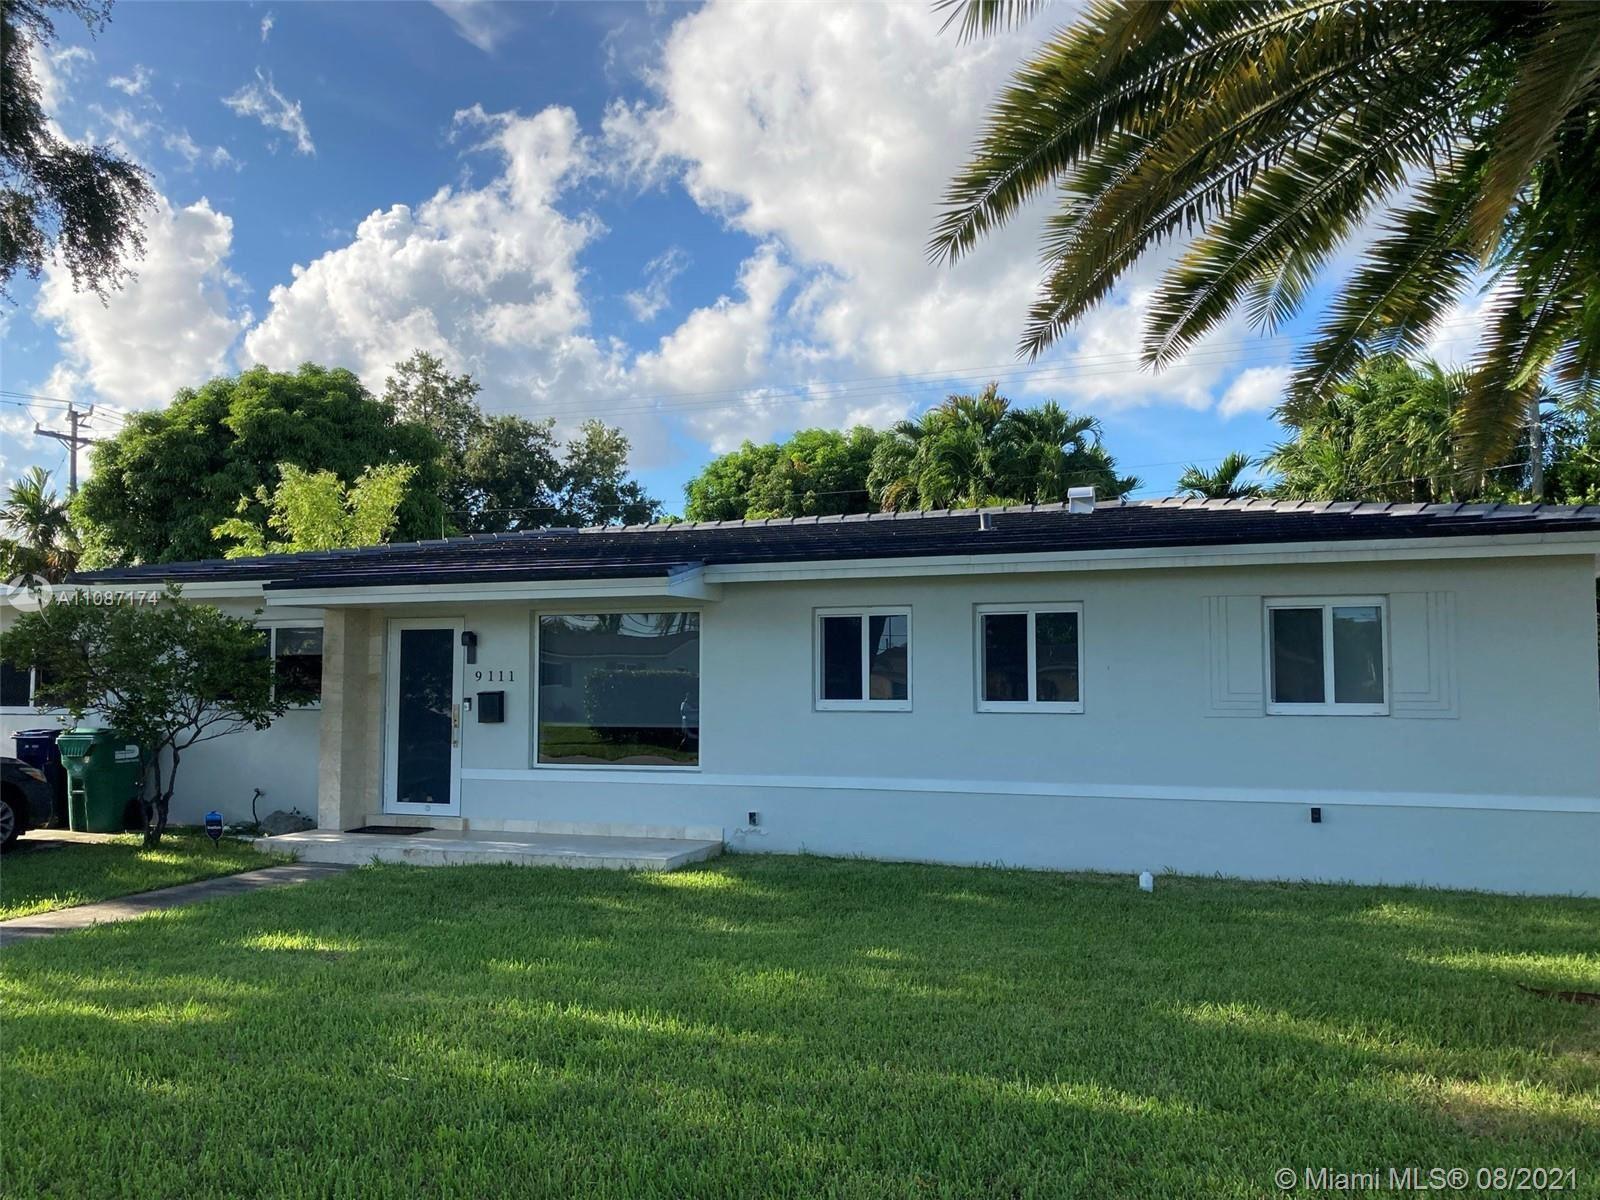 9111 SW 30th Ter, Miami, FL 33165 - #: A11087174